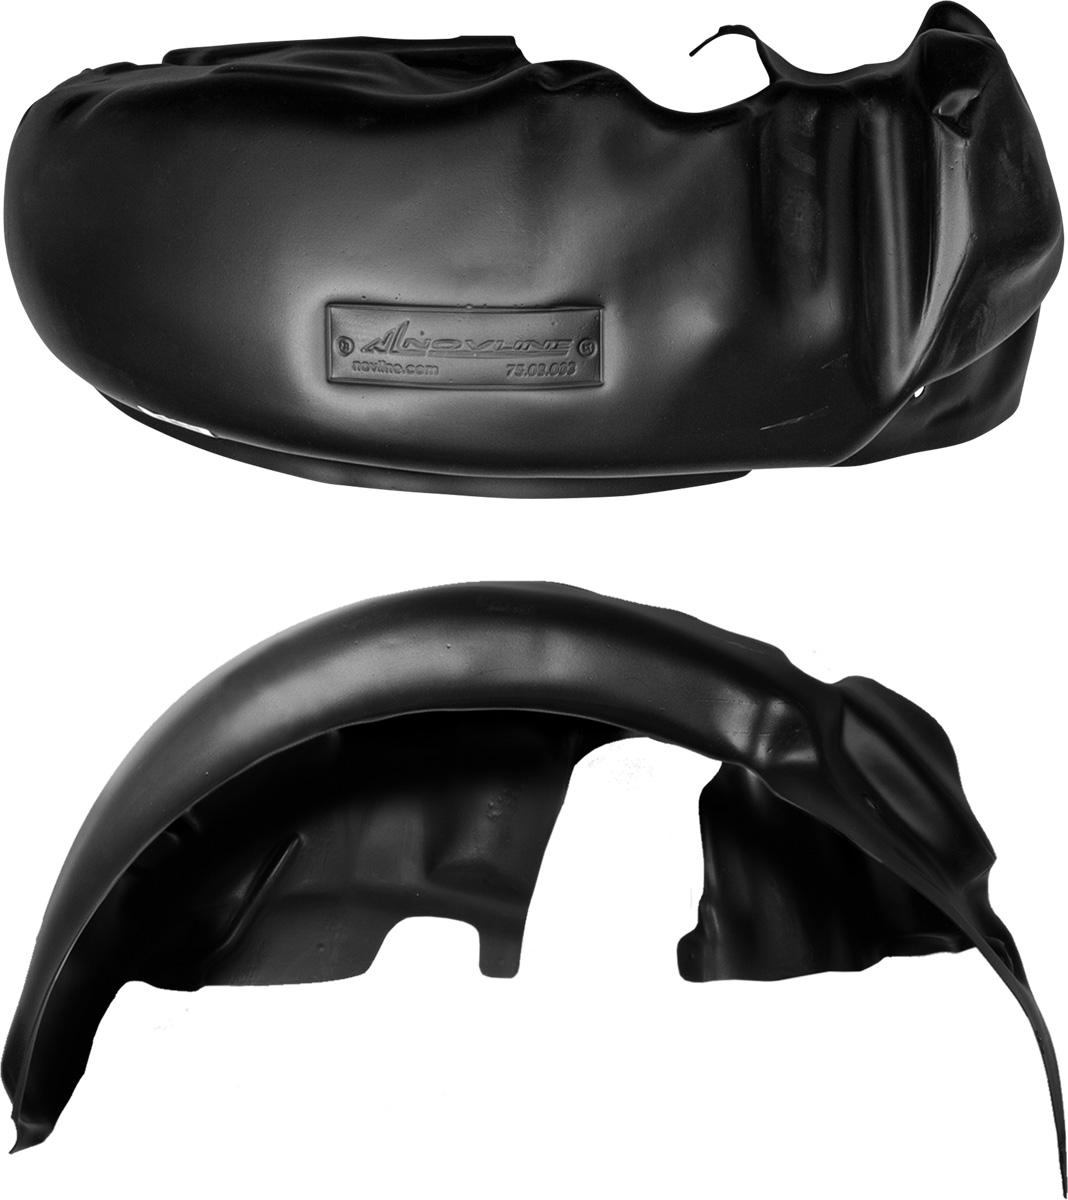 Подкрылок Novline-Autofamily, для Mitsubishi Pajero Sport, 2008->, передний левыйNLL.35.20.001Колесные ниши - одни из самых уязвимых зон днища вашего автомобиля. Они постоянно подвергаются воздействию со стороны дороги. Лучшая, почти абсолютная защита для них - специально отформованные пластиковые кожухи, которые называются подкрылками. Производятся они как для отечественных моделей автомобилей, так и для иномарок. Подкрылки Novline-Autofamily выполнены из высококачественного, экологически чистого пластика. Обеспечивают надежную защиту кузова автомобиля от пескоструйного эффекта и негативного влияния, агрессивных антигололедных реагентов. Пластик обладает более низкой теплопроводностью, чем металл, поэтому в зимний период эксплуатации использование пластиковых подкрылков позволяет лучше защитить колесные ниши от налипания снега и образования наледи. Оригинальность конструкции подчеркивает элегантность автомобиля, бережно защищает нанесенное на днище кузова антикоррозийное покрытие и позволяет осуществить крепление подкрылков внутри колесной арки практически без...